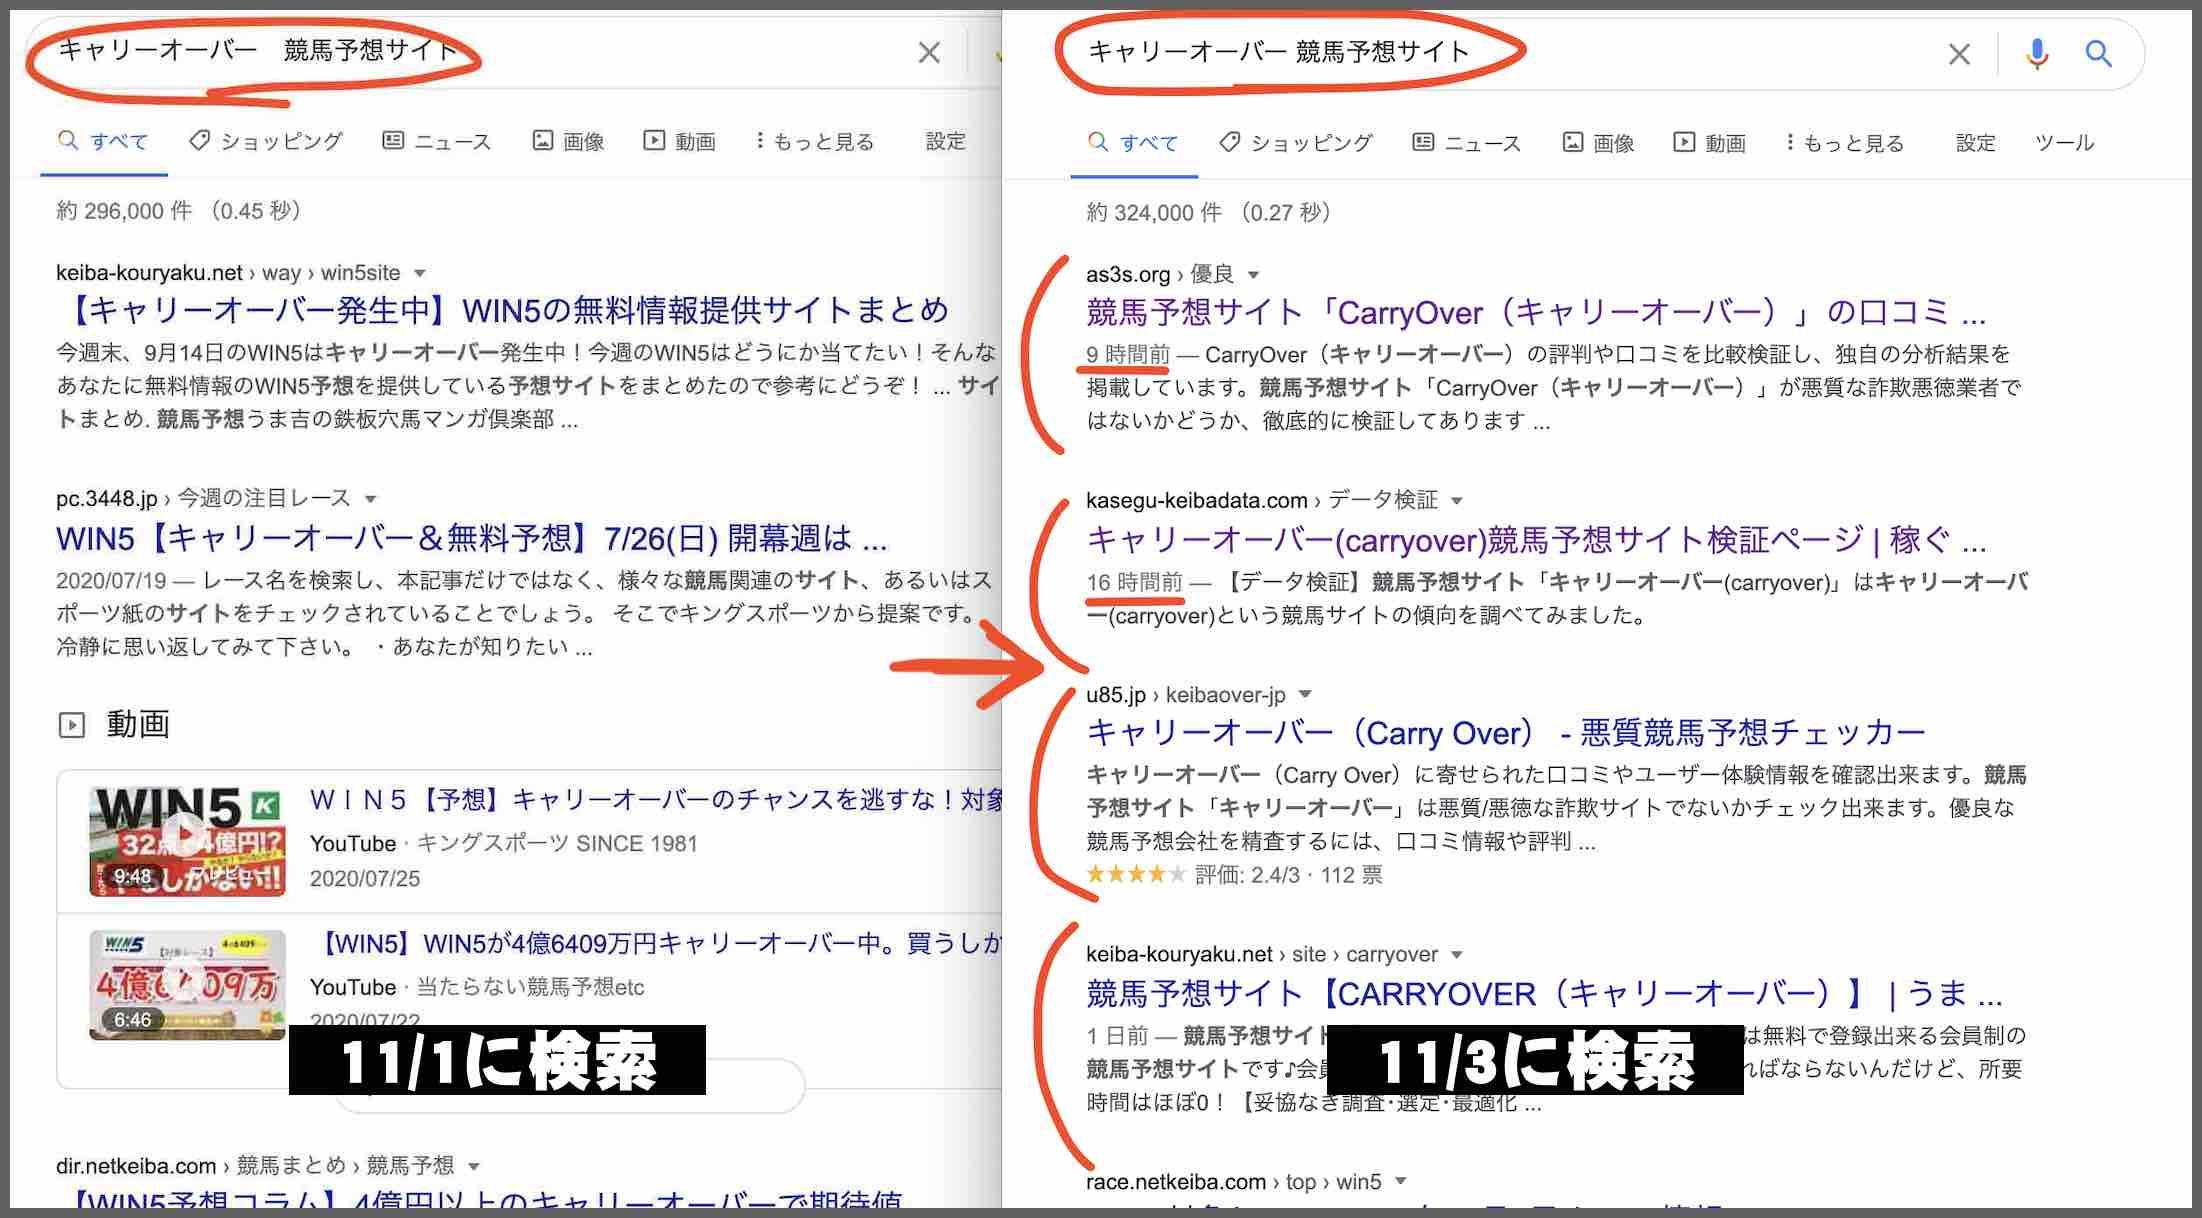 キャリーオーバー(CarryOver)という競馬予想サイトを再度日本語検索する